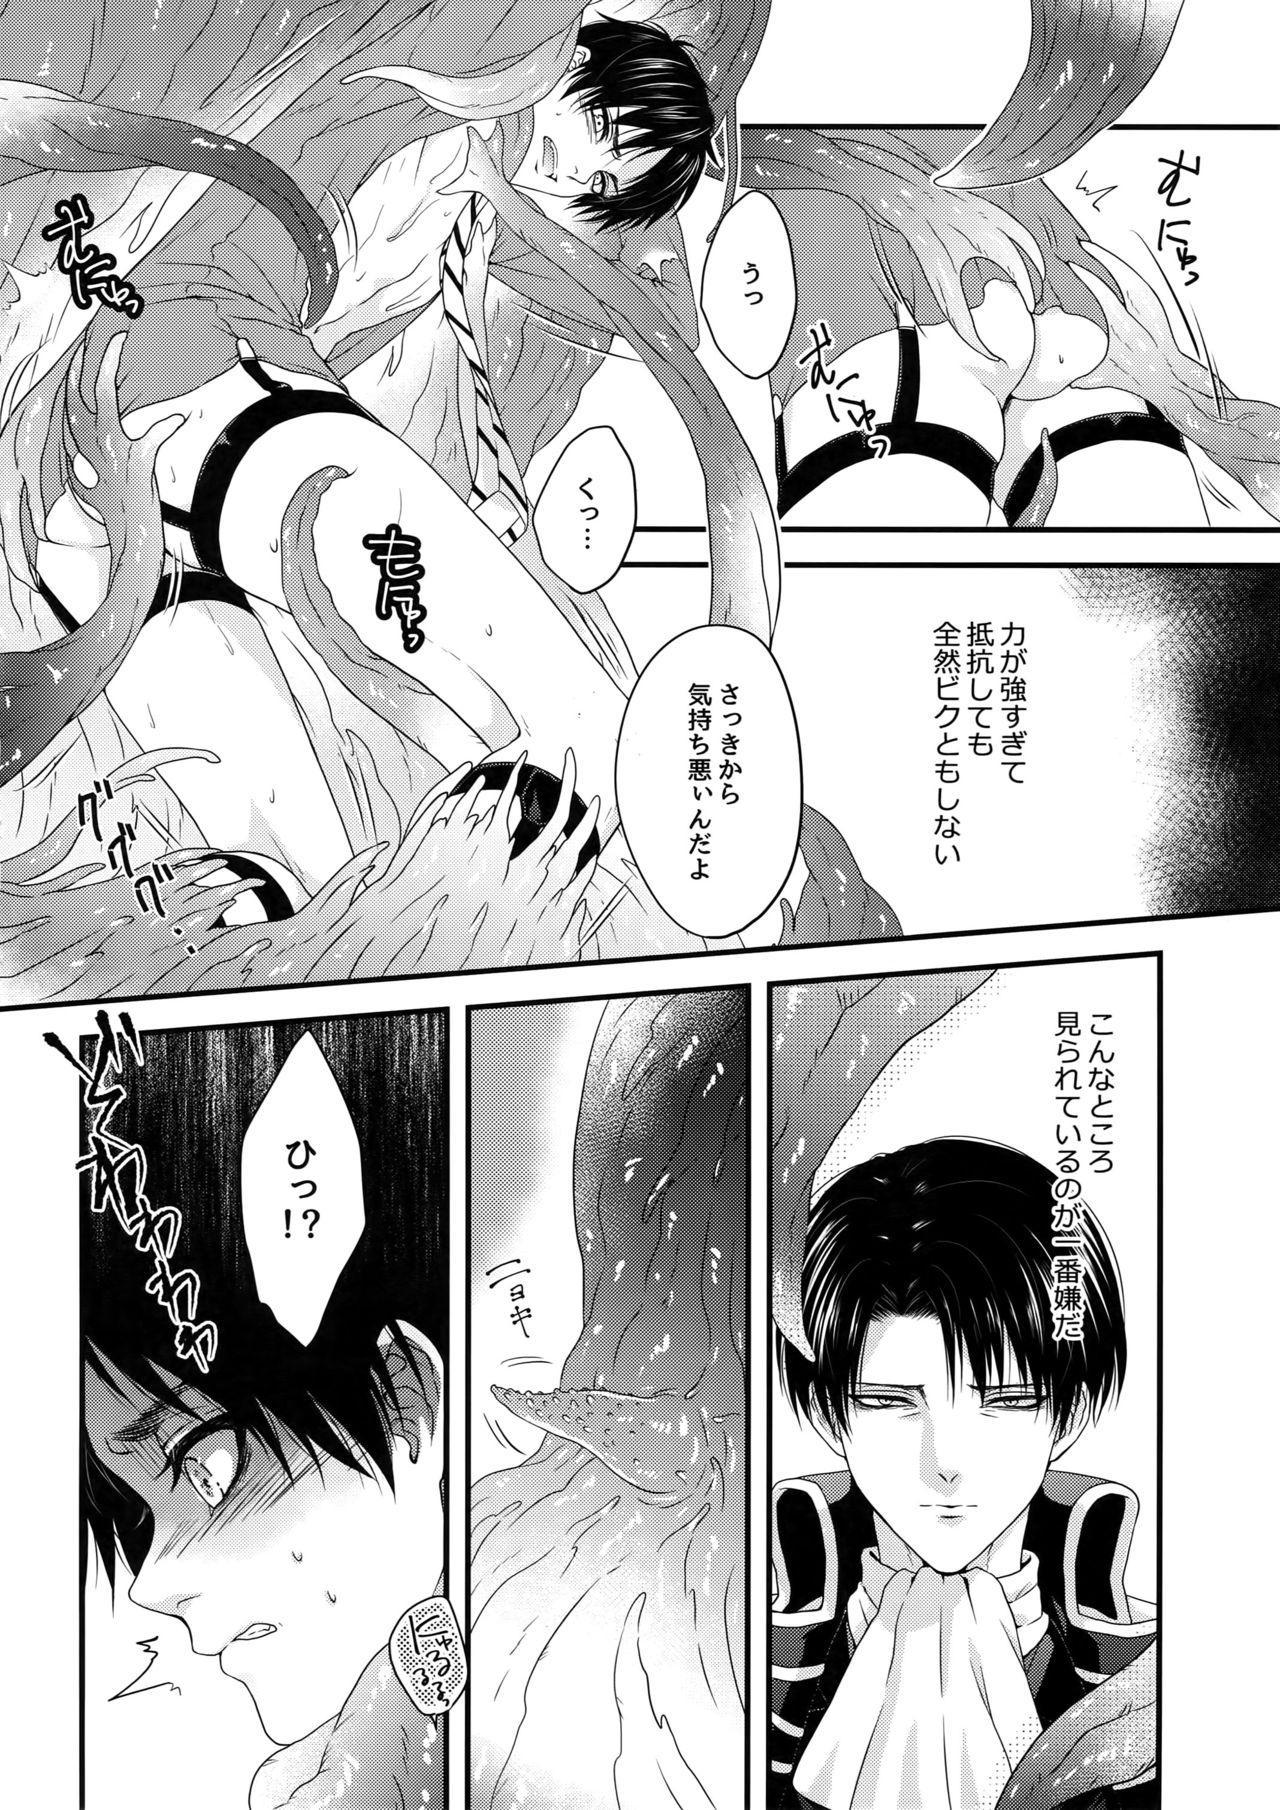 Shinshoku 16